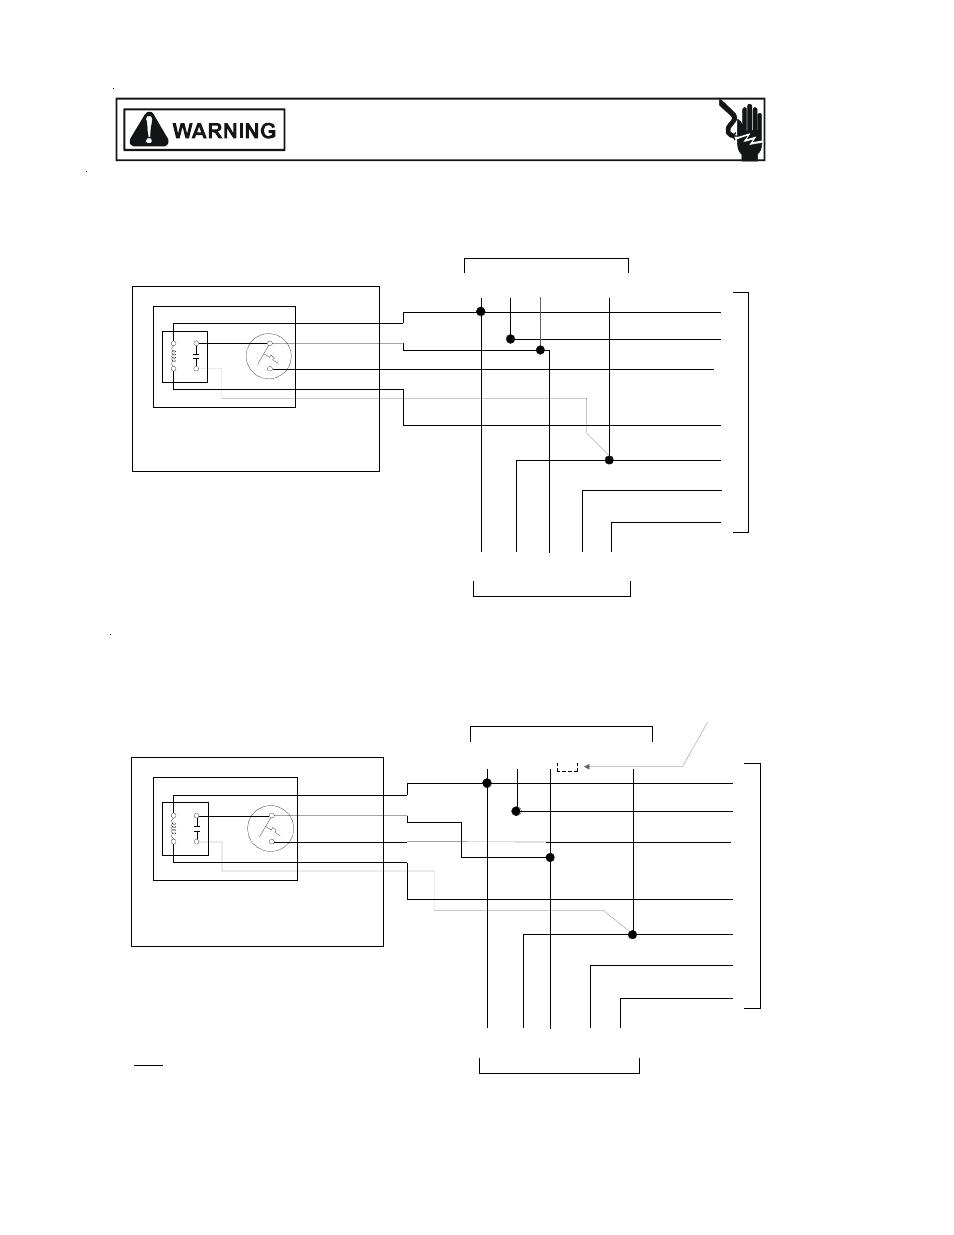 15kw Air Handler Wiring Diagram Detailed Schematics Goodman Schematic Diagrams Aruf Furnace Model